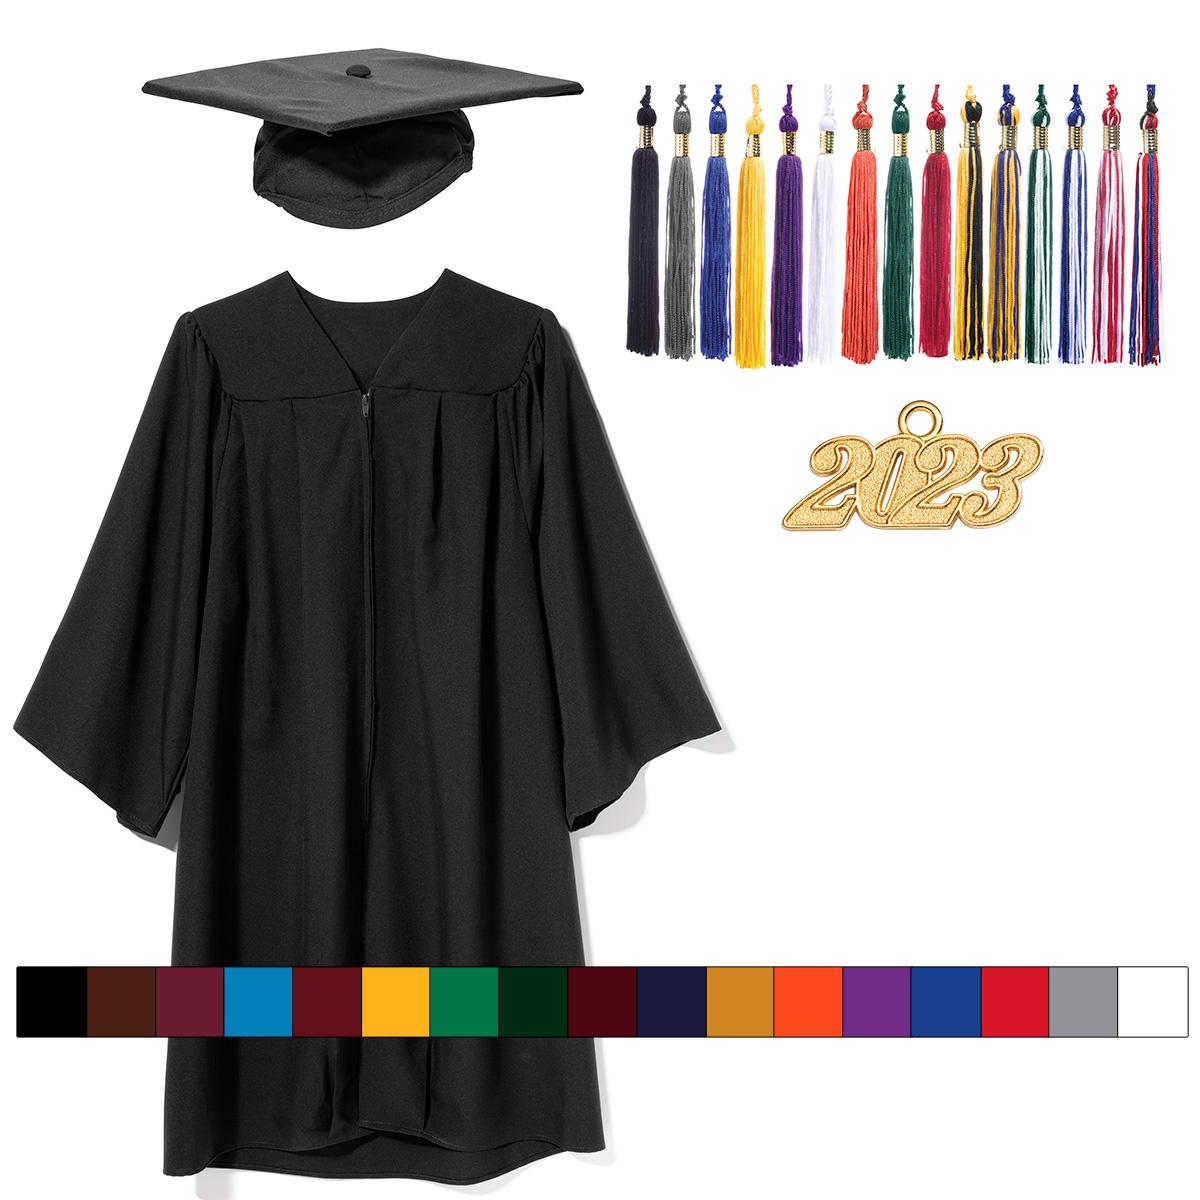 13 Colors Annhiengrad Unisex Adult Matte Graduation Gown Cap with Tassel 2019